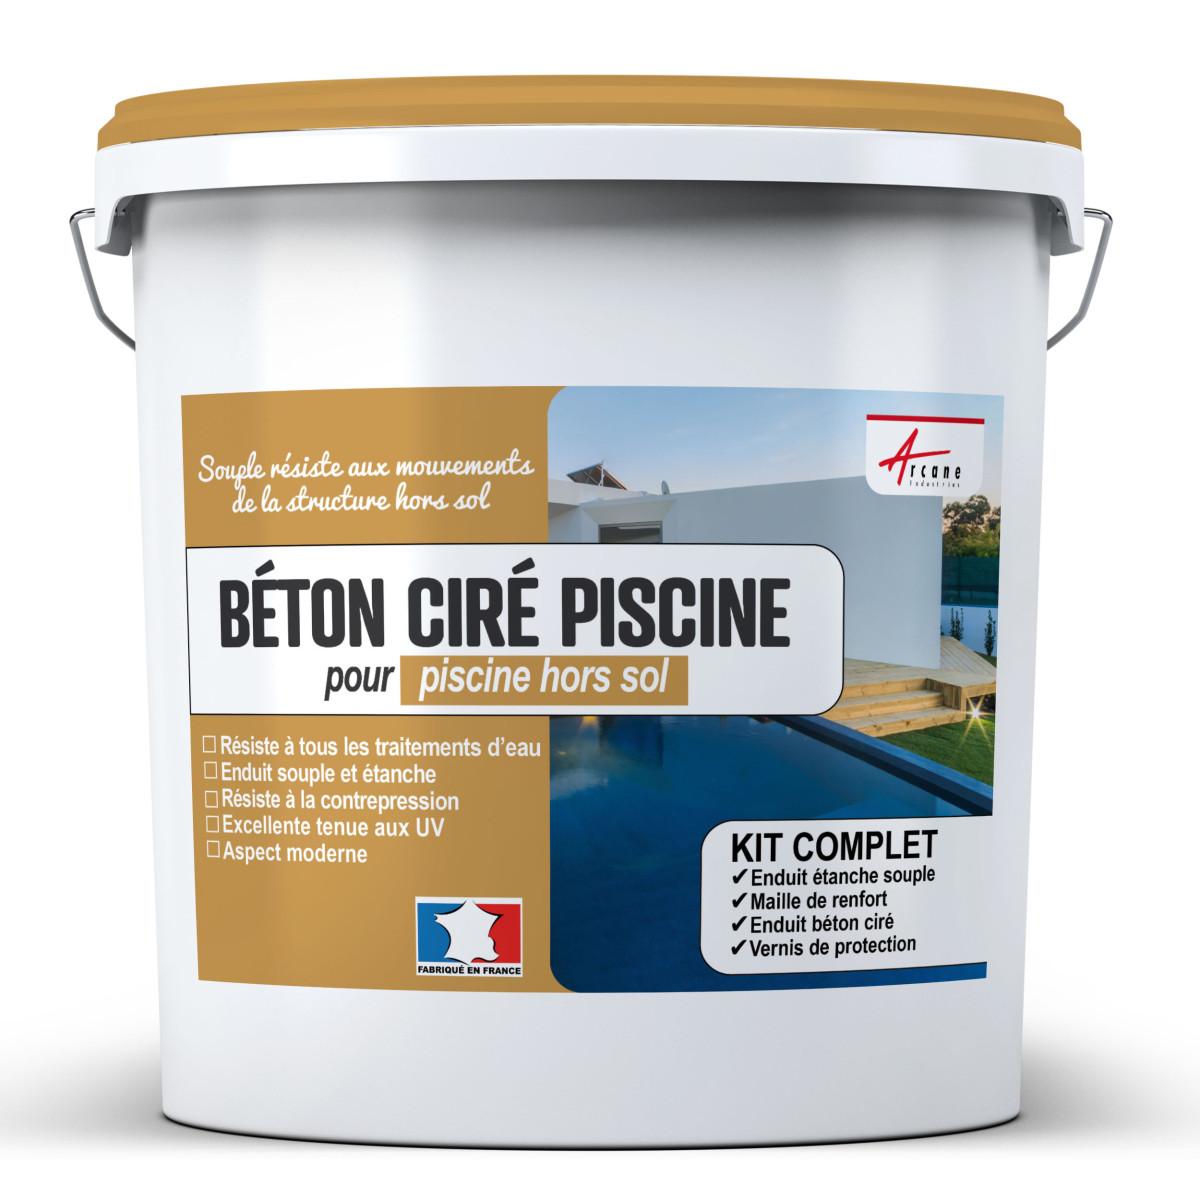 Kit Béton ciré piscine hors sol - revêtement étanche PISCINE haute résistance